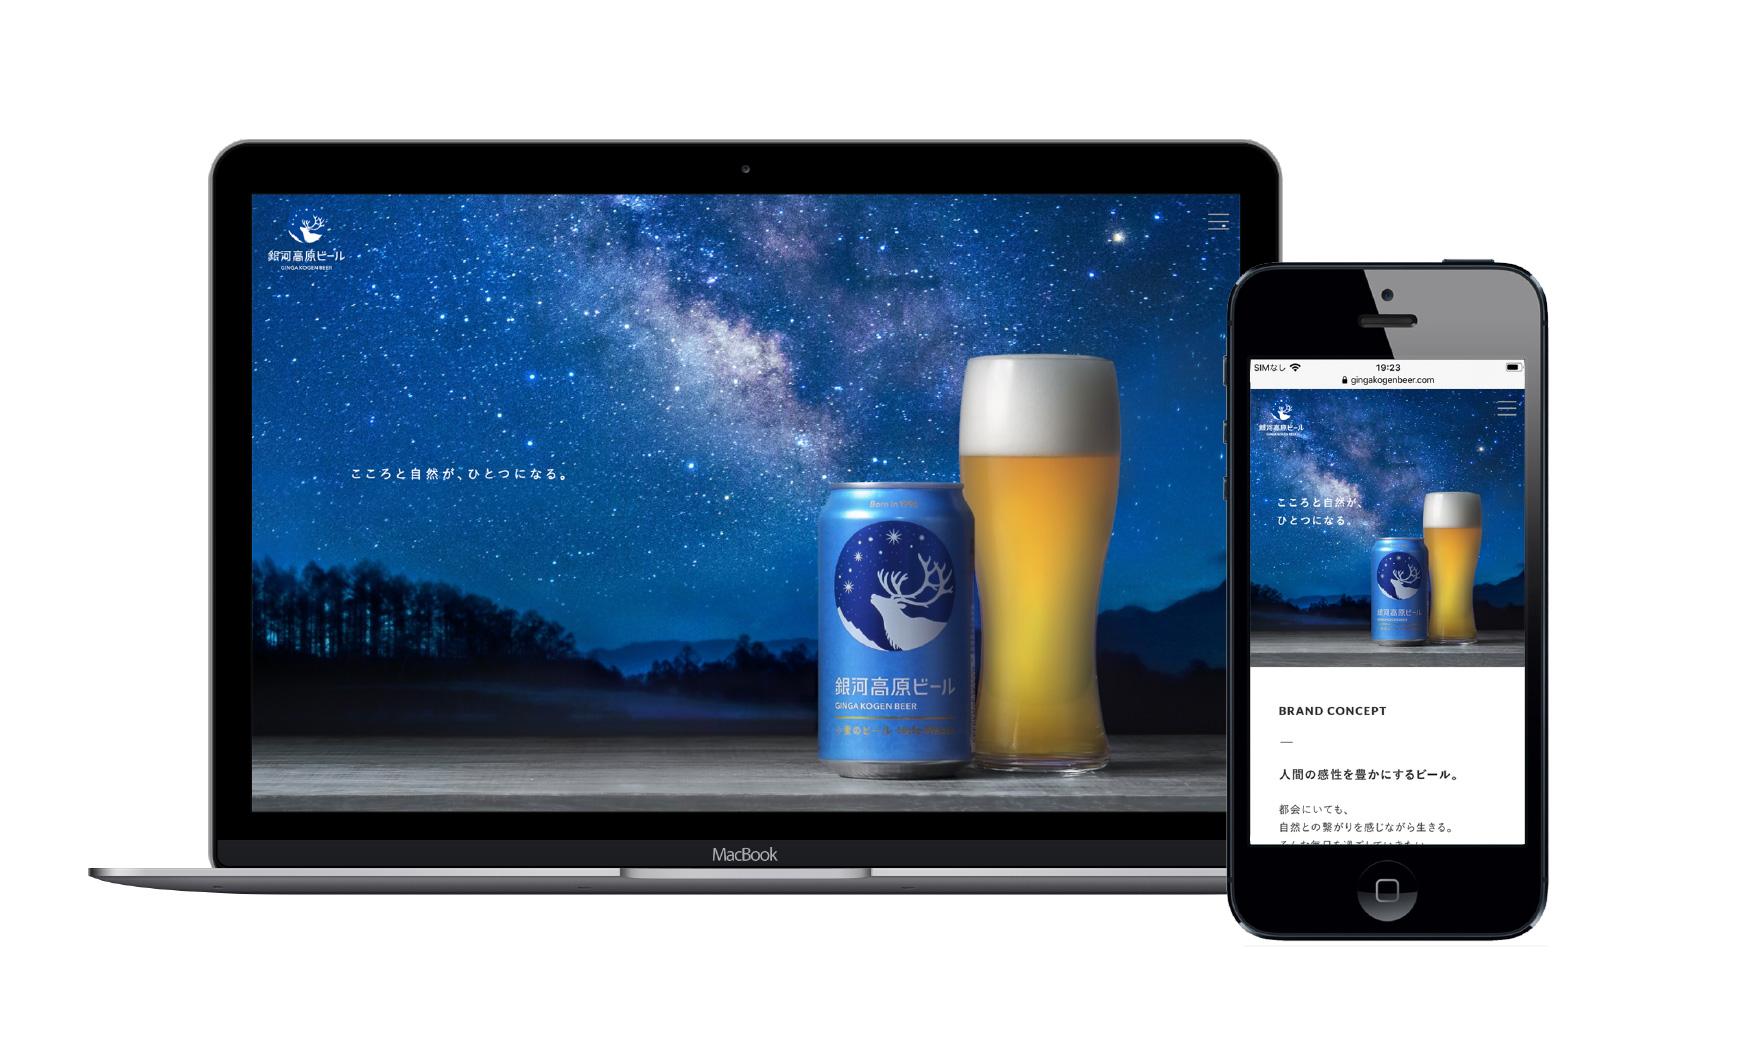 銀河高原ビールのwebザイン画像